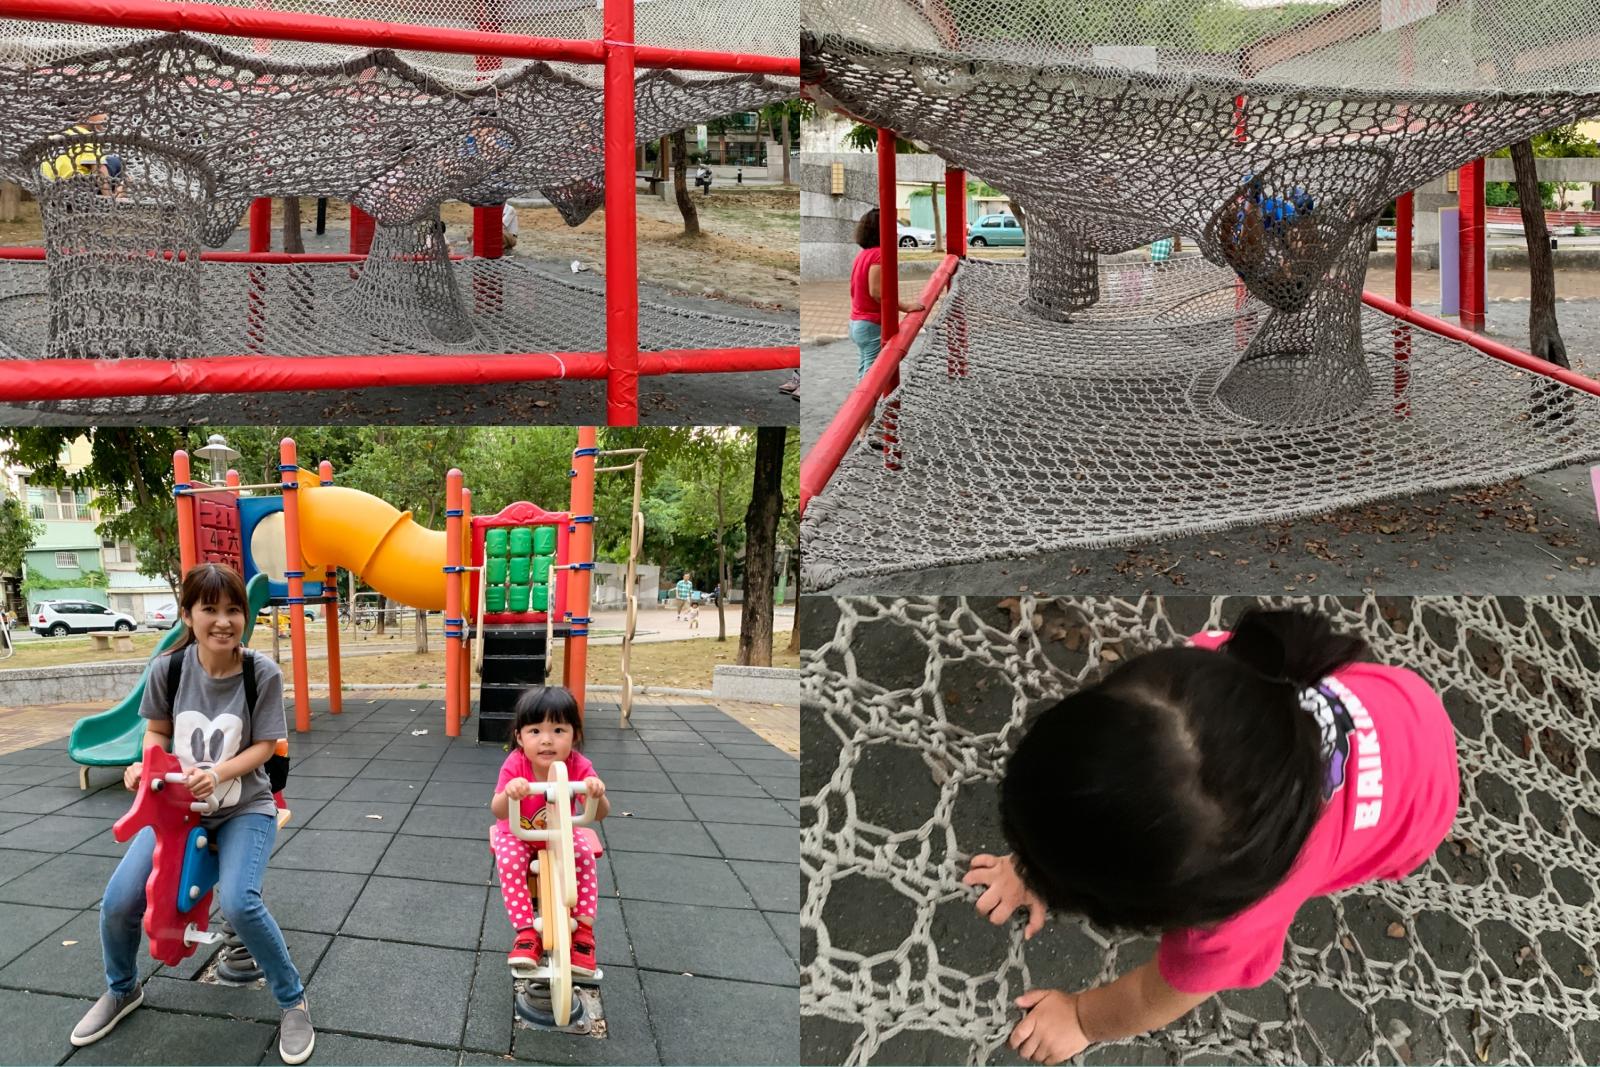 【玩樂】 台南 立德公園 新進駐了小朋友超愛的織編遊具-雙層攀爬網!超放電的親子景點!